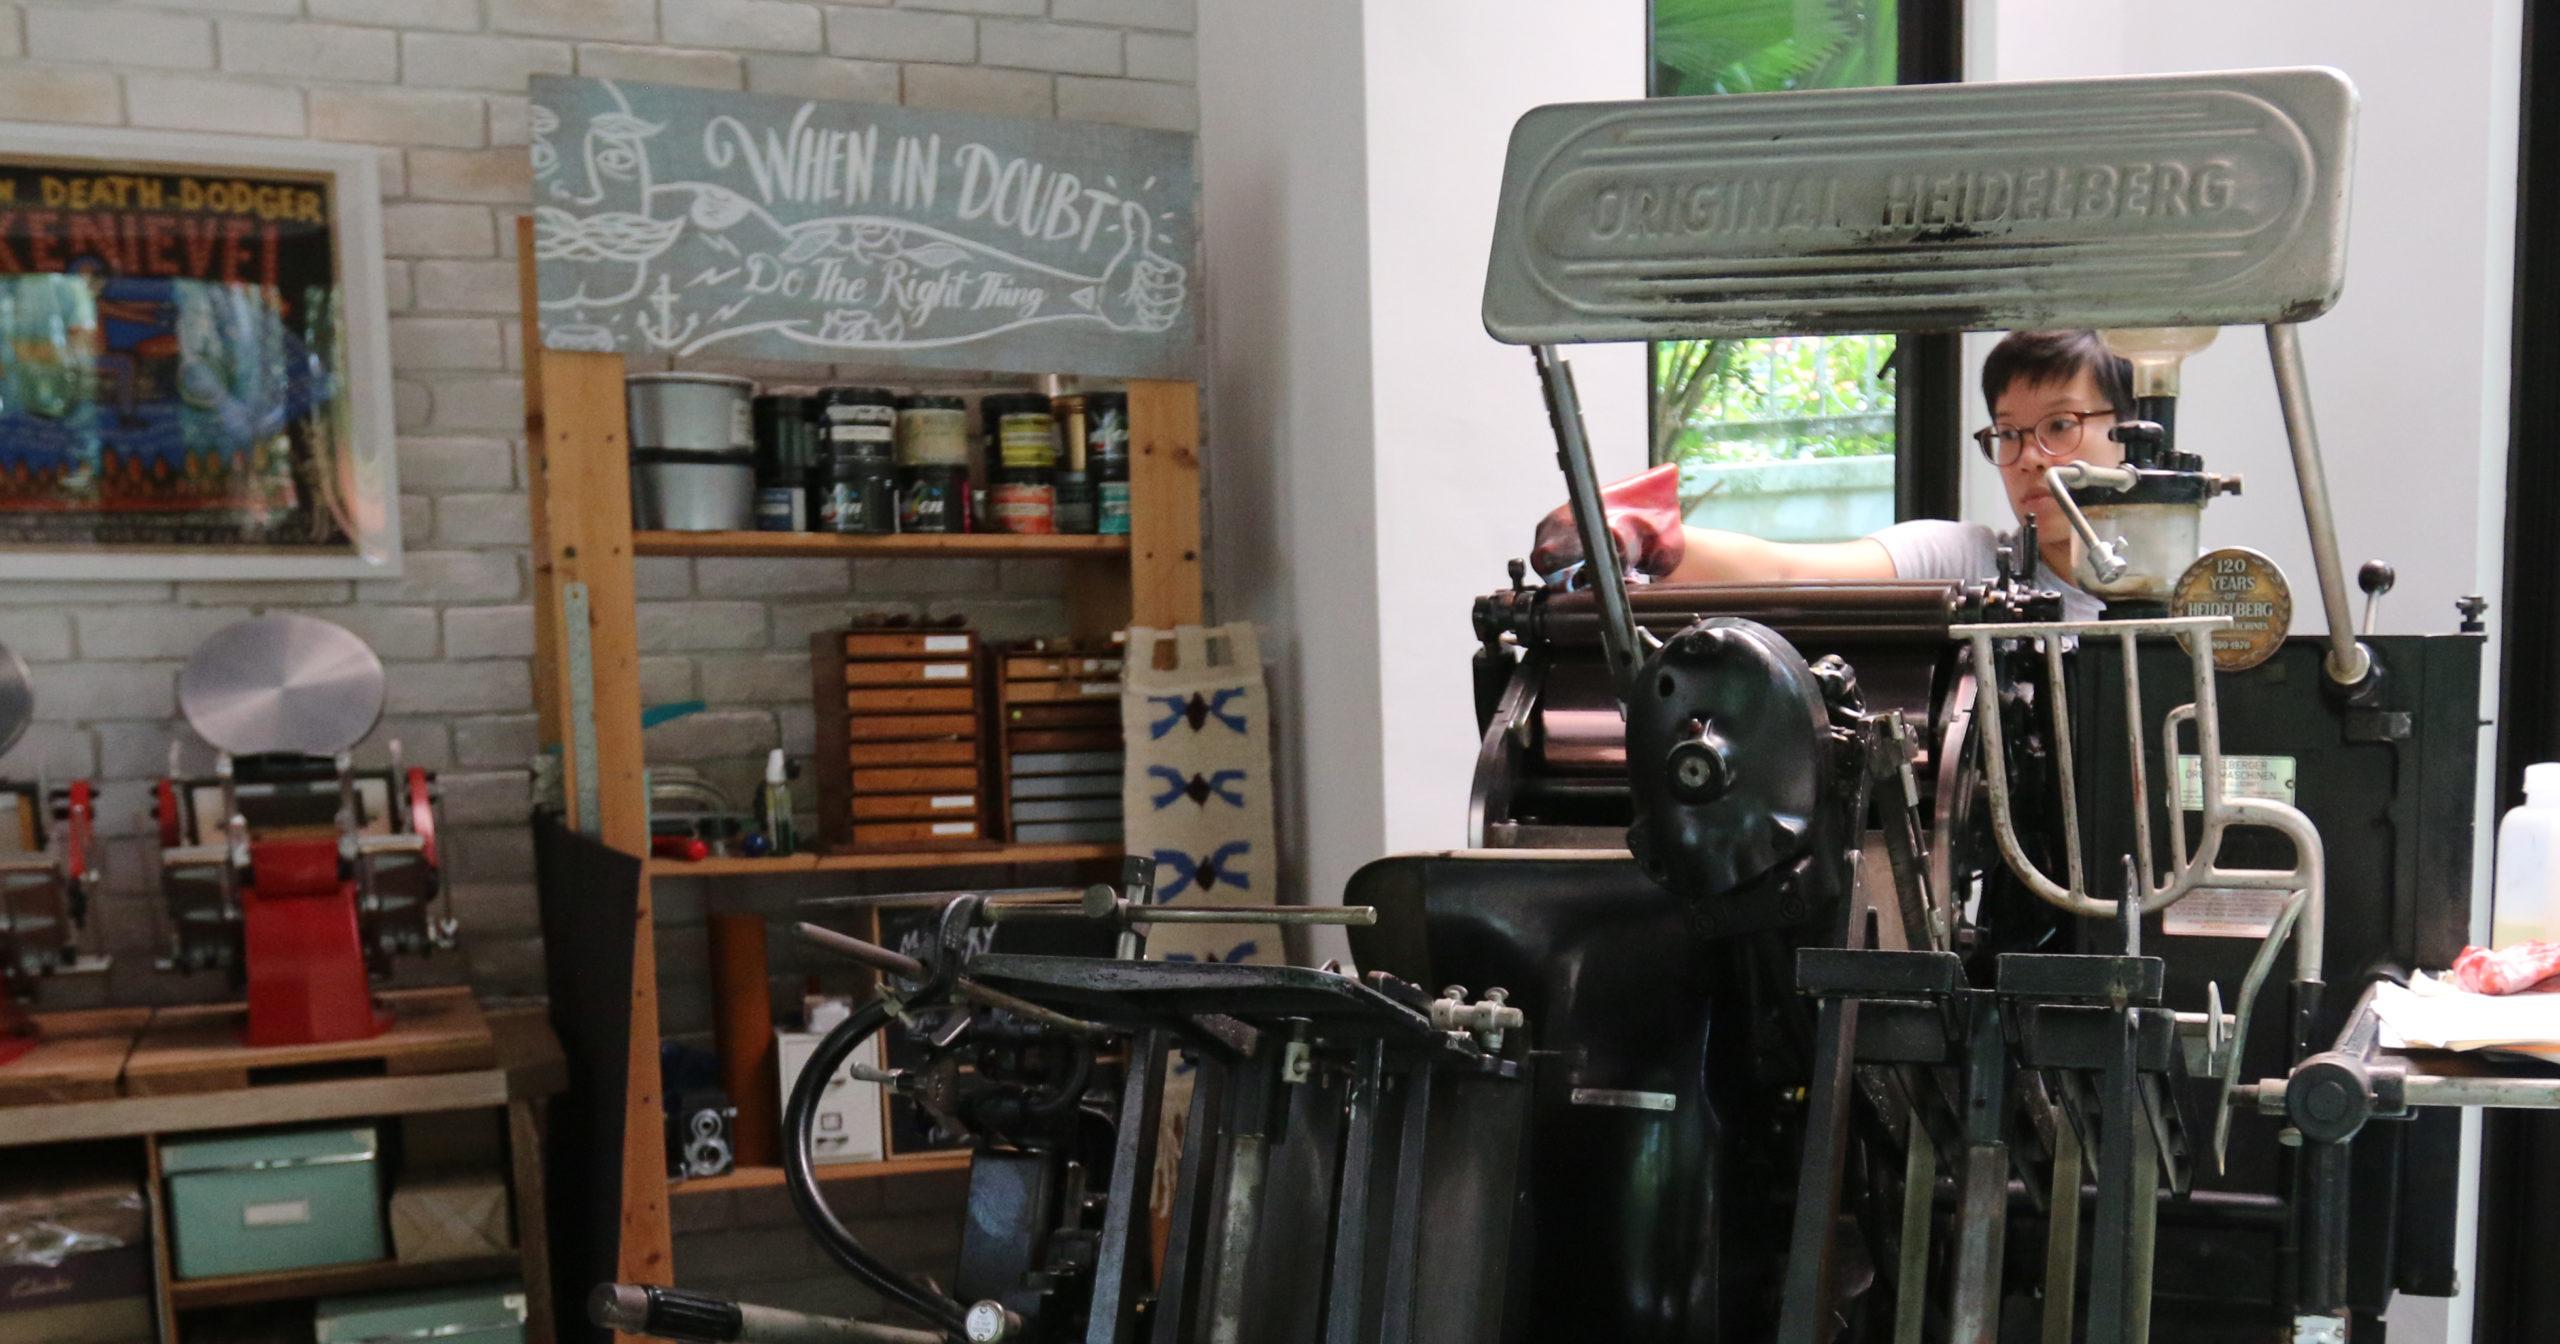 Tipografia vintage: elementi tipografici che non passano mai di moda